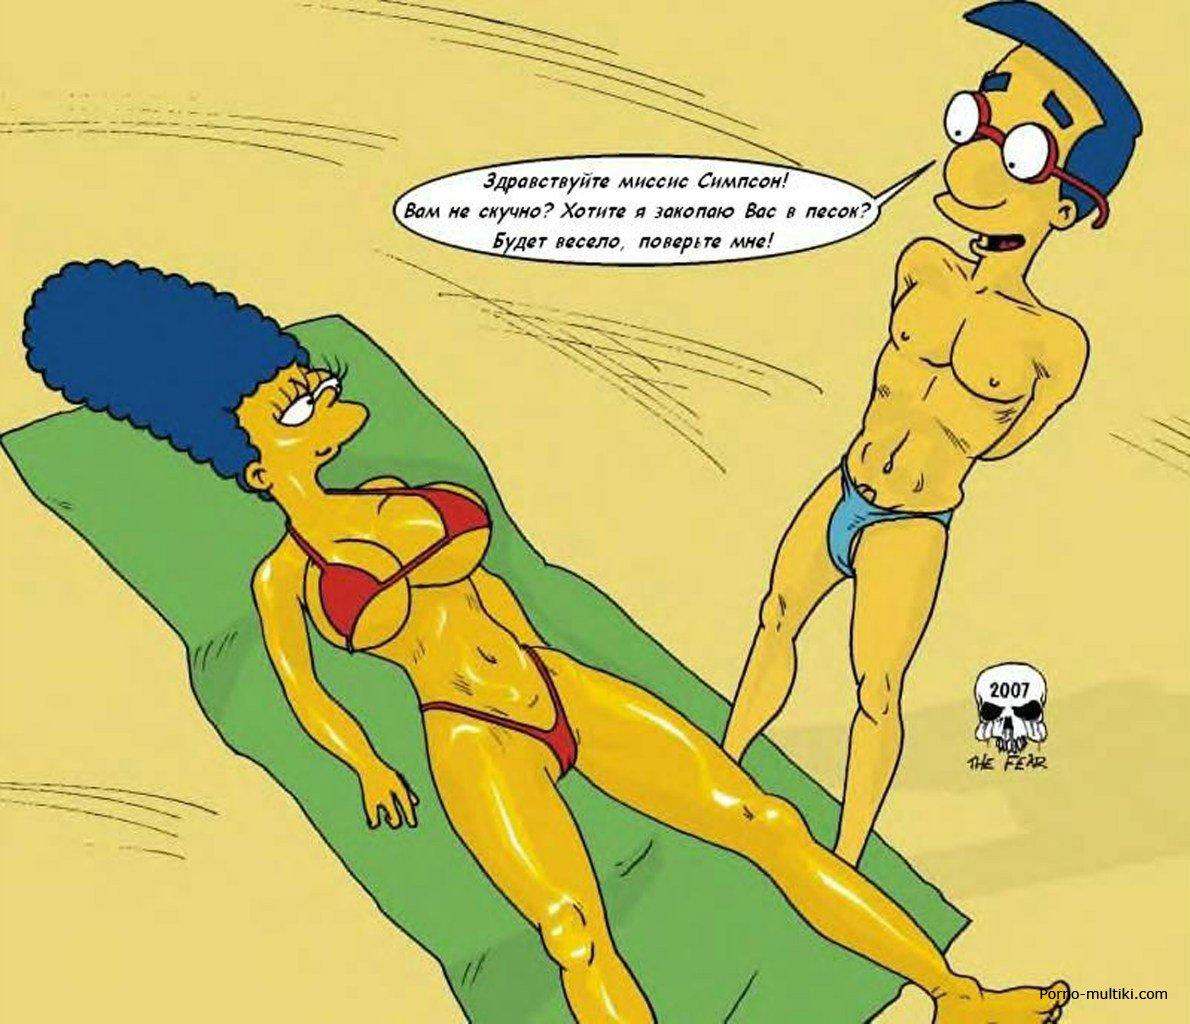 Симпсоны комиксы gjhyj 3 фотография